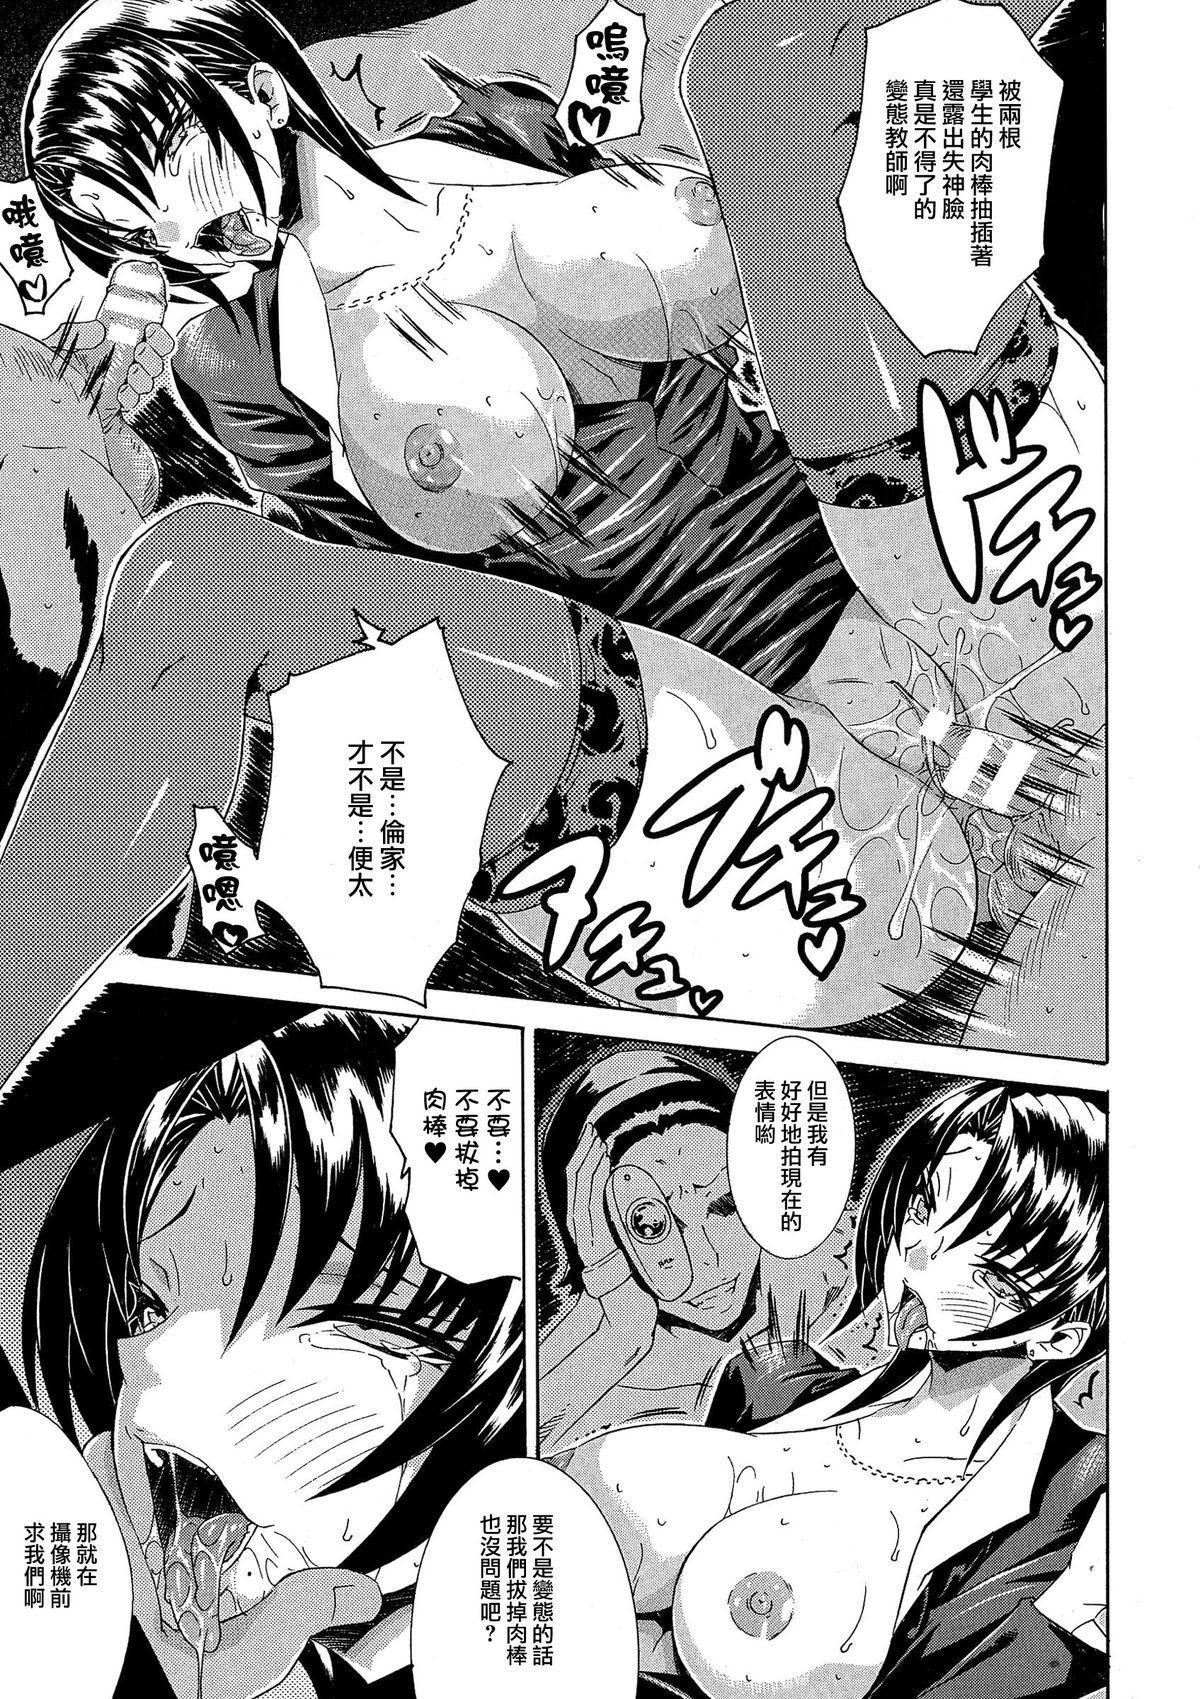 Kachiki na Onna ga Buzama na Ahegao o Sarasu Made 79